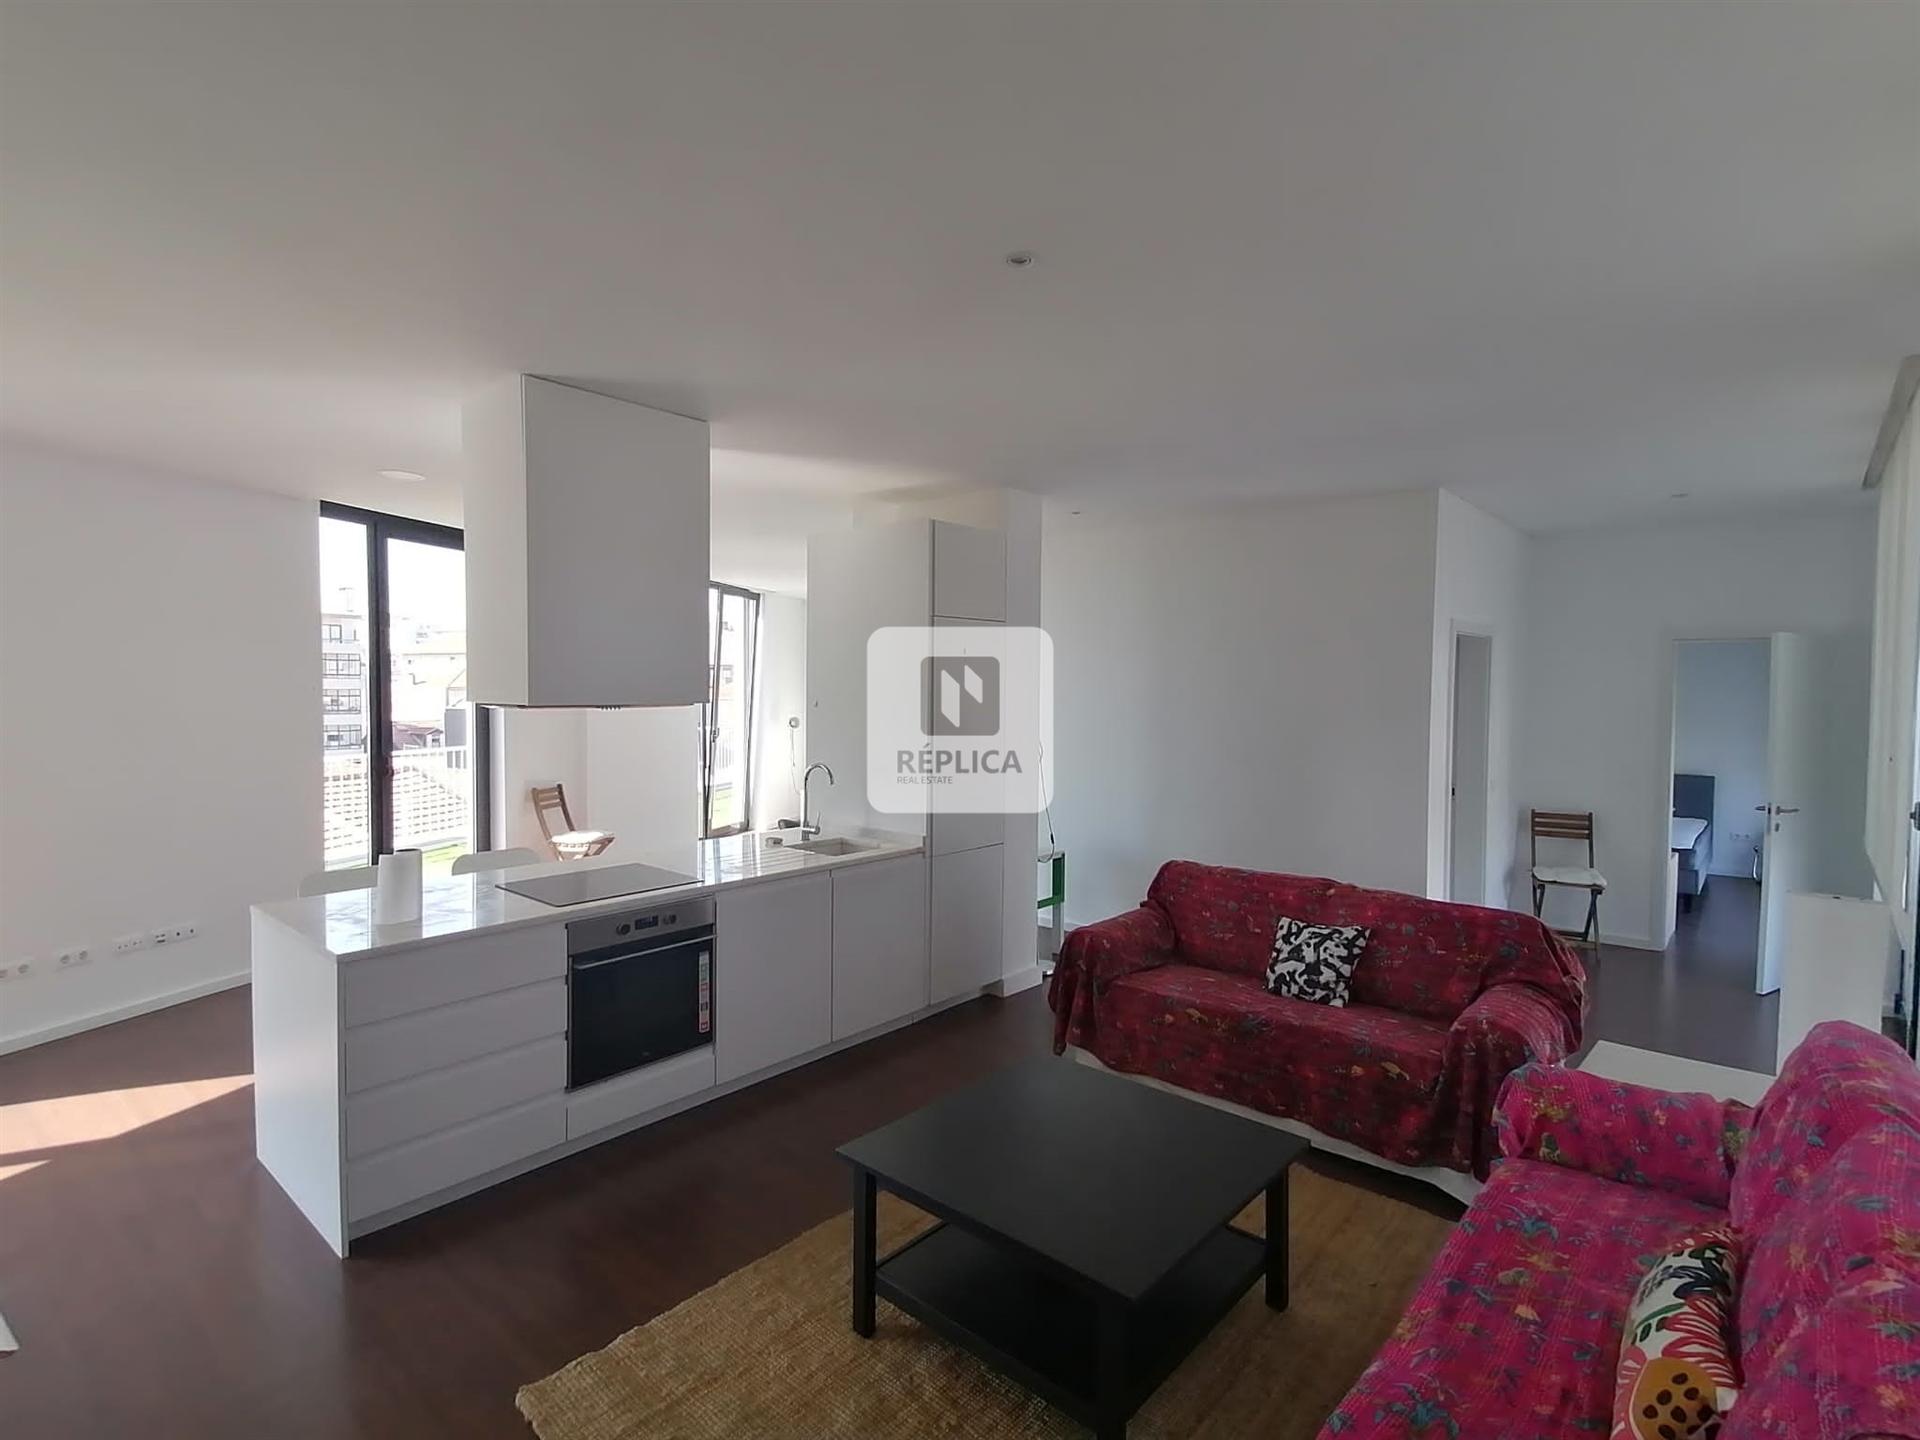 Apartamento T2 com Varanda Equipado e Mobilado ao Bonjardim - Exclusivo Réplica